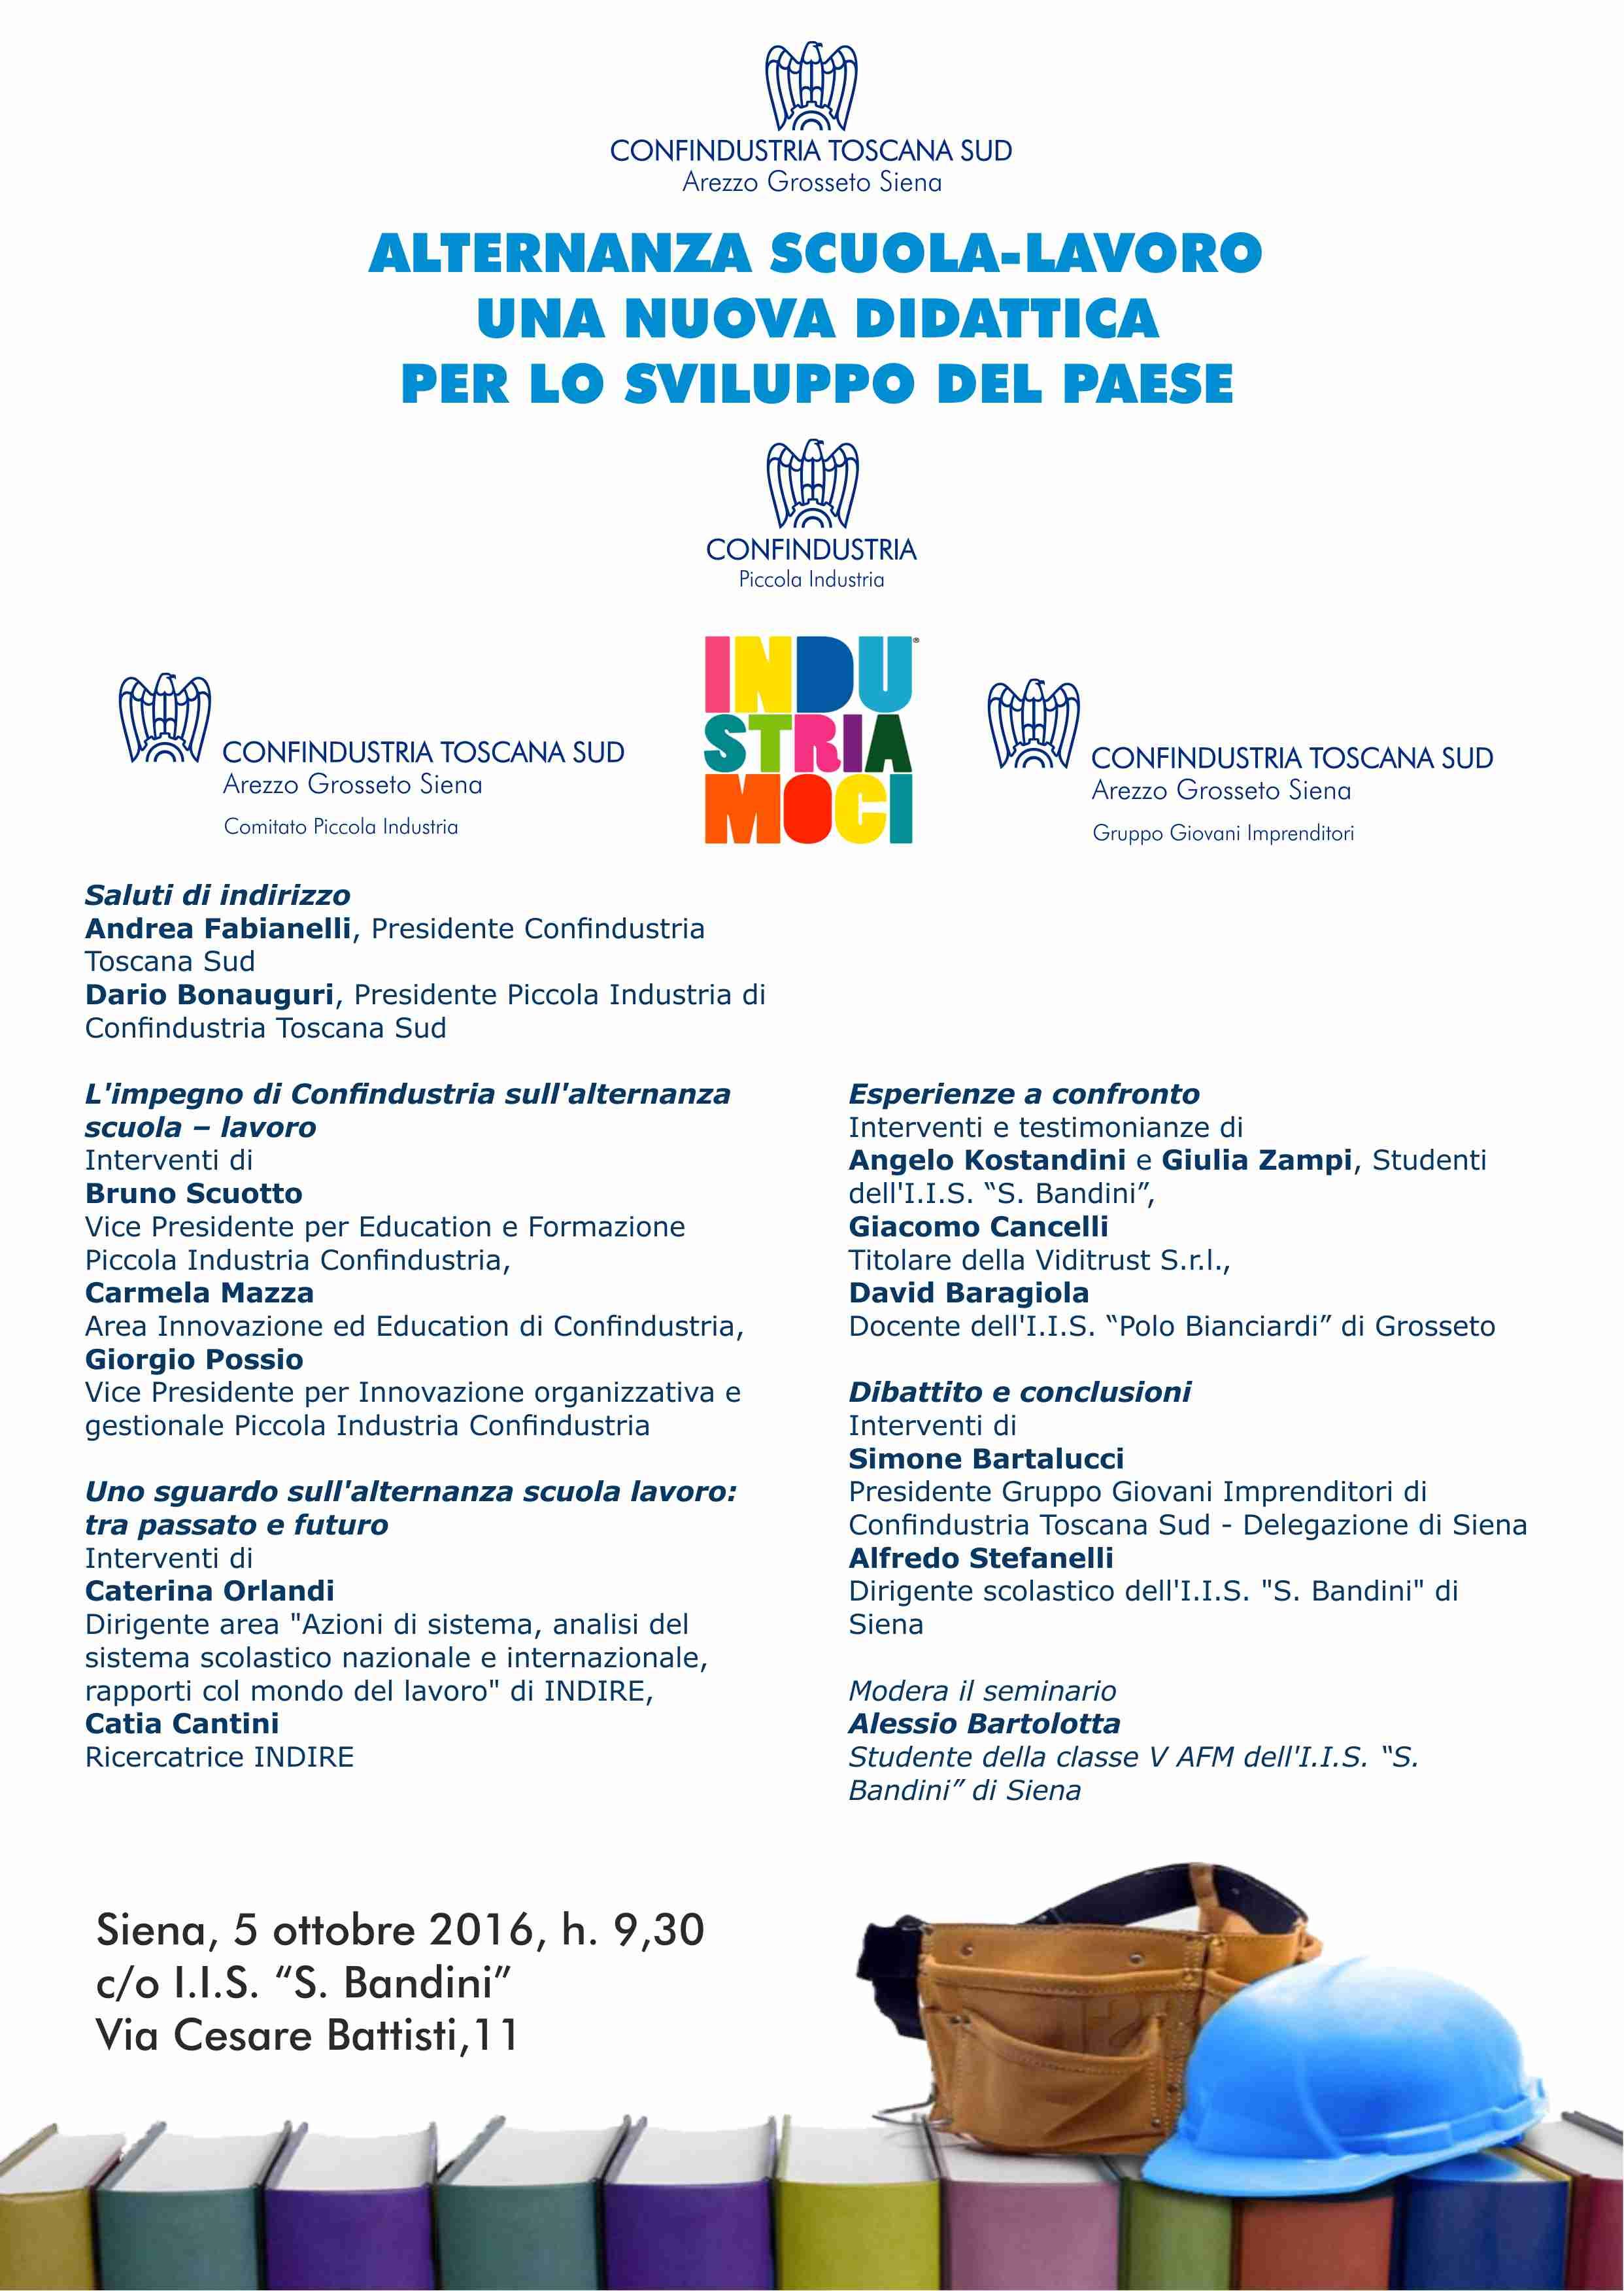 scuola-lavoro-5-ottobre-2016-programma-siena